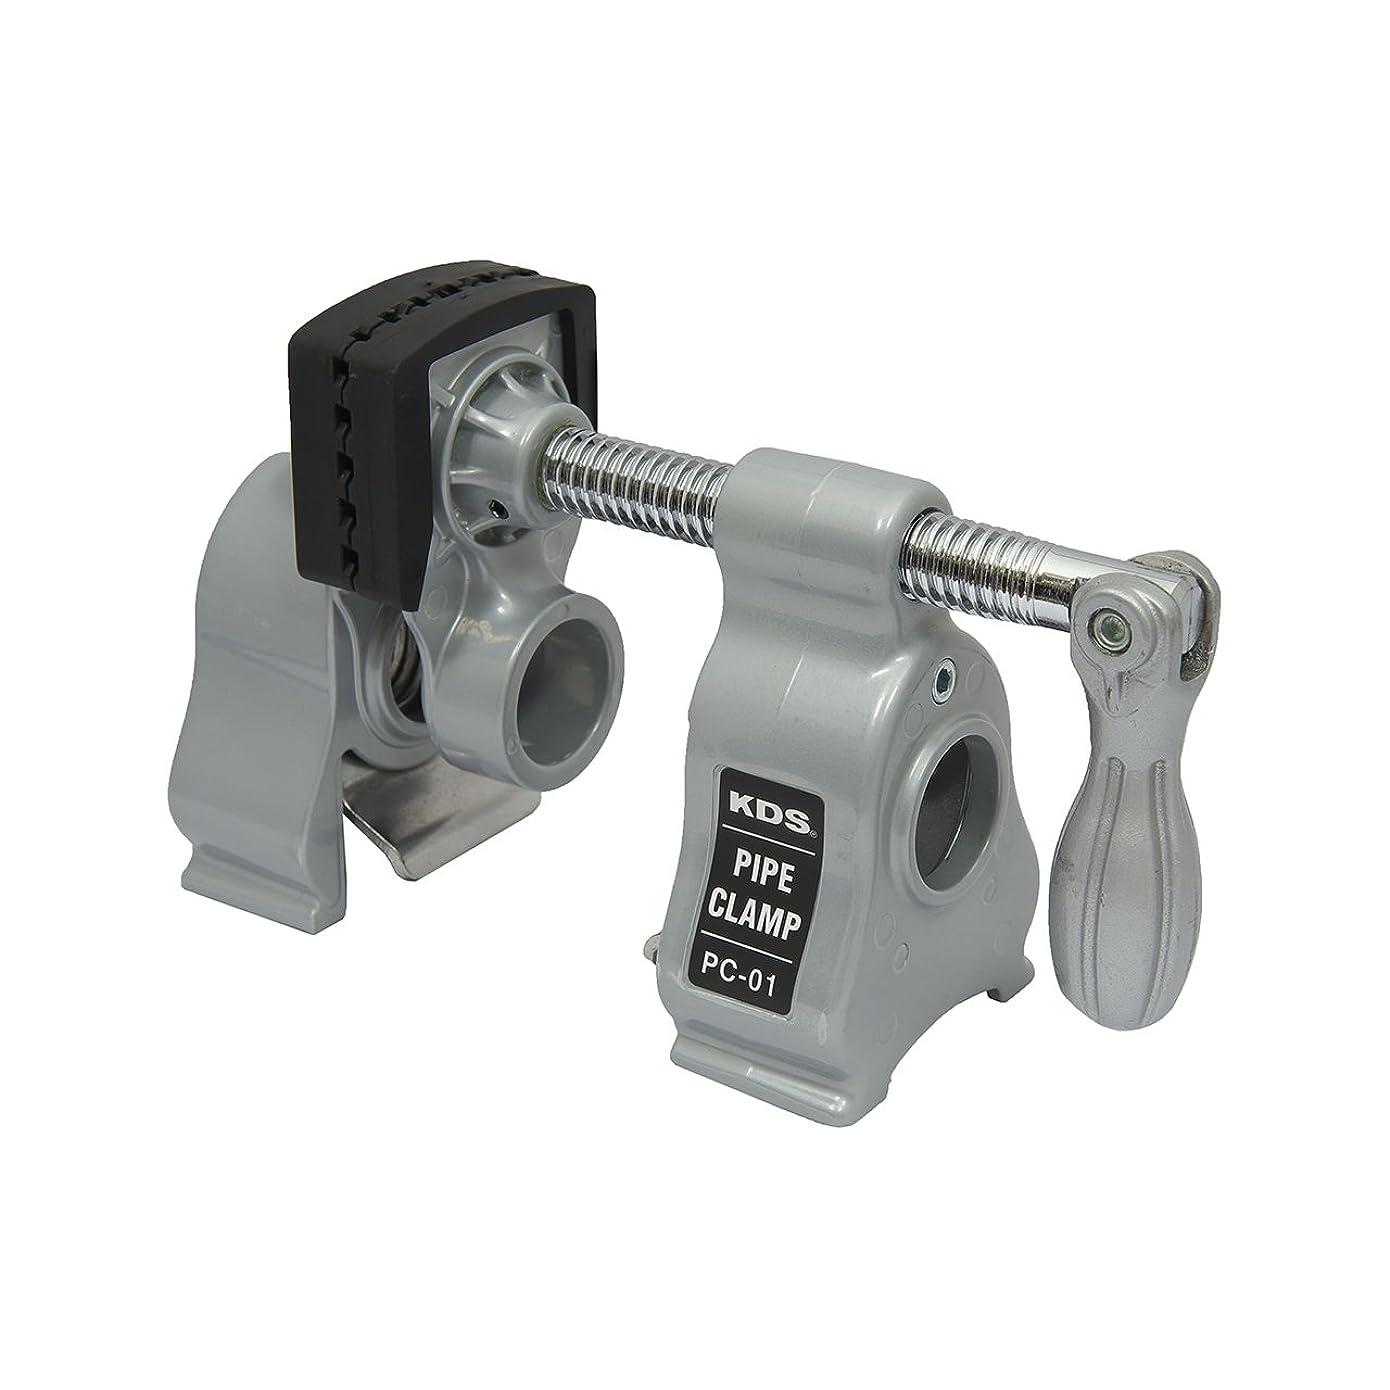 ヘッドレス確保する不純ムラテックKDS パイプクランプ PC-01